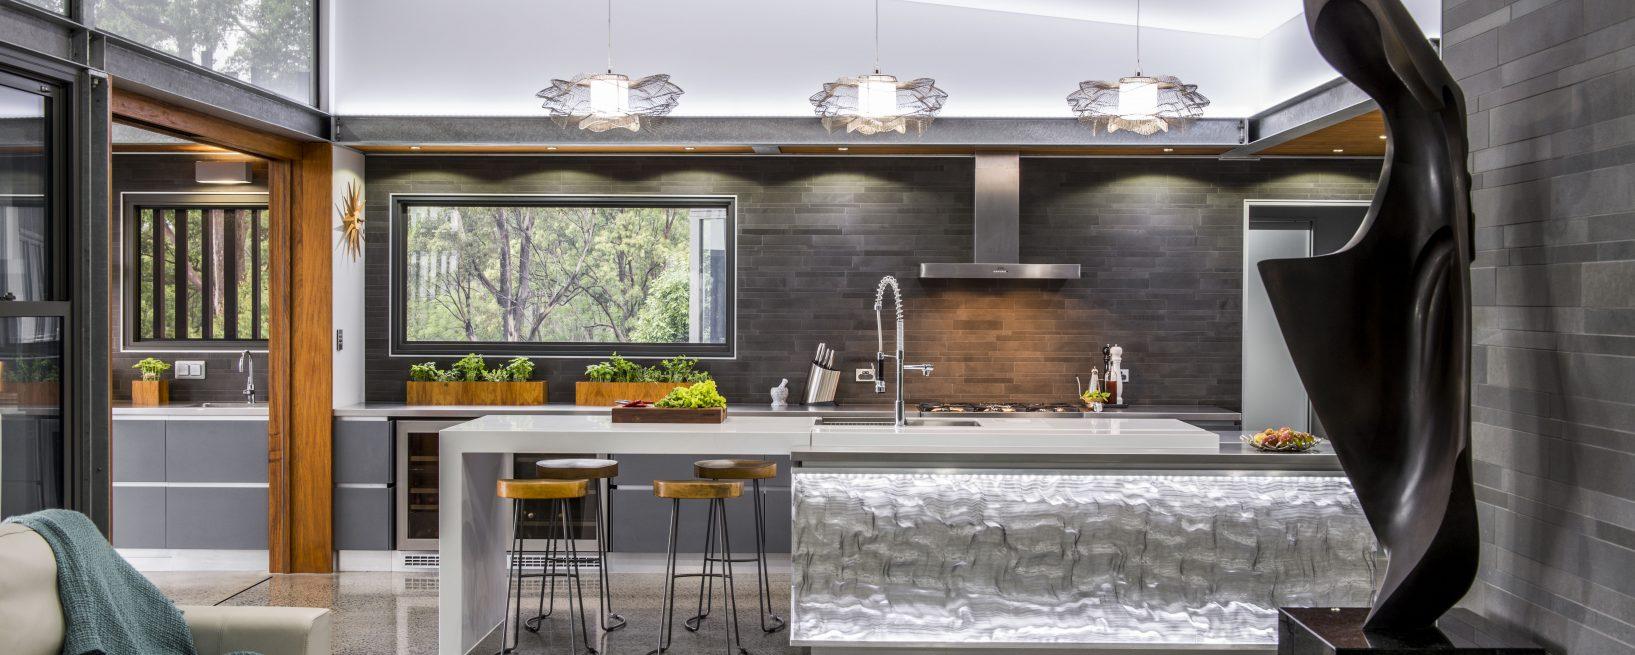 Brisbane Luxury Kitchen Design